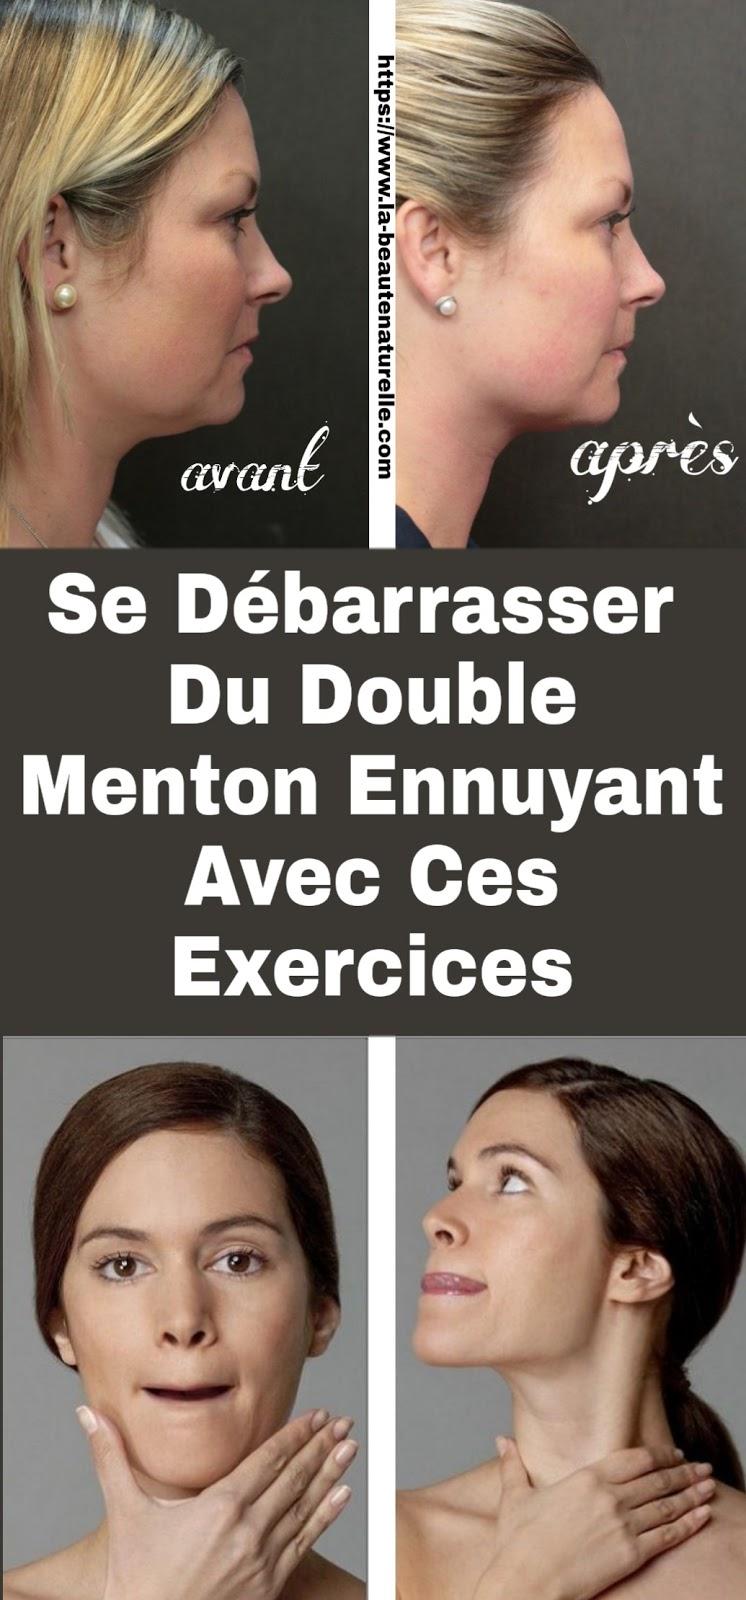 Se Débarrasser Du Double Menton Ennuyant Avec Ces Exercices